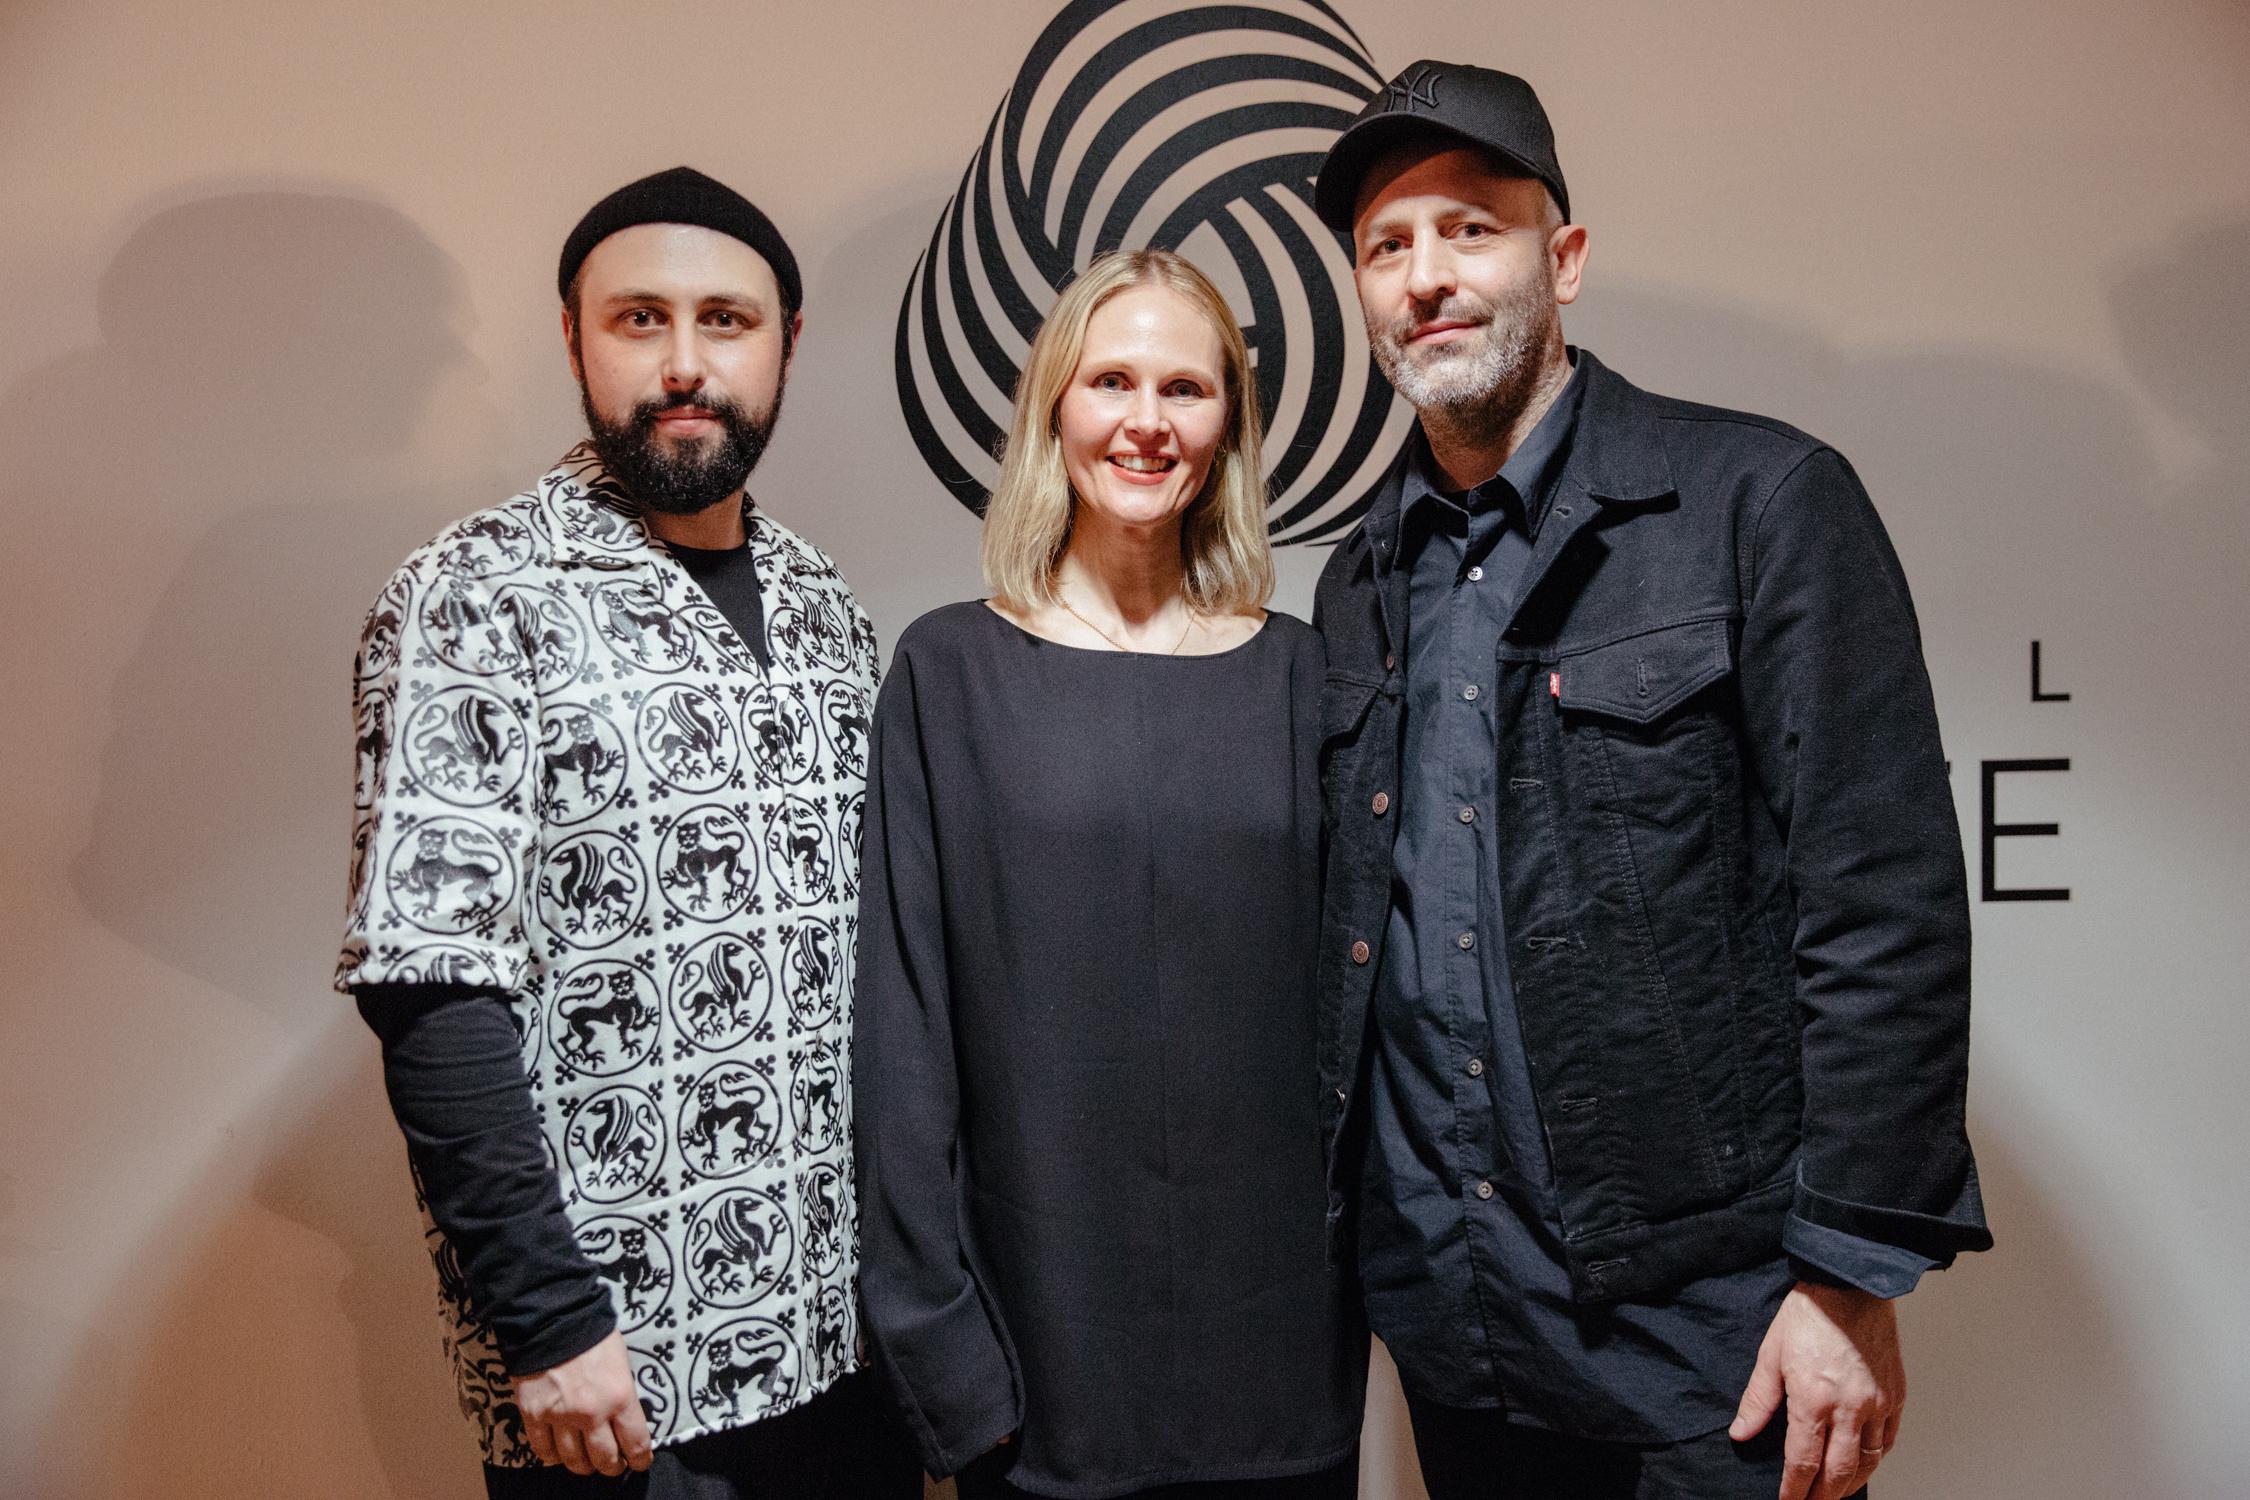 新一届国际羊毛标志大奖揭晓:英国男装品牌 Edward Crutchley 与美国夫妻档女装品牌 Colovos 胜出